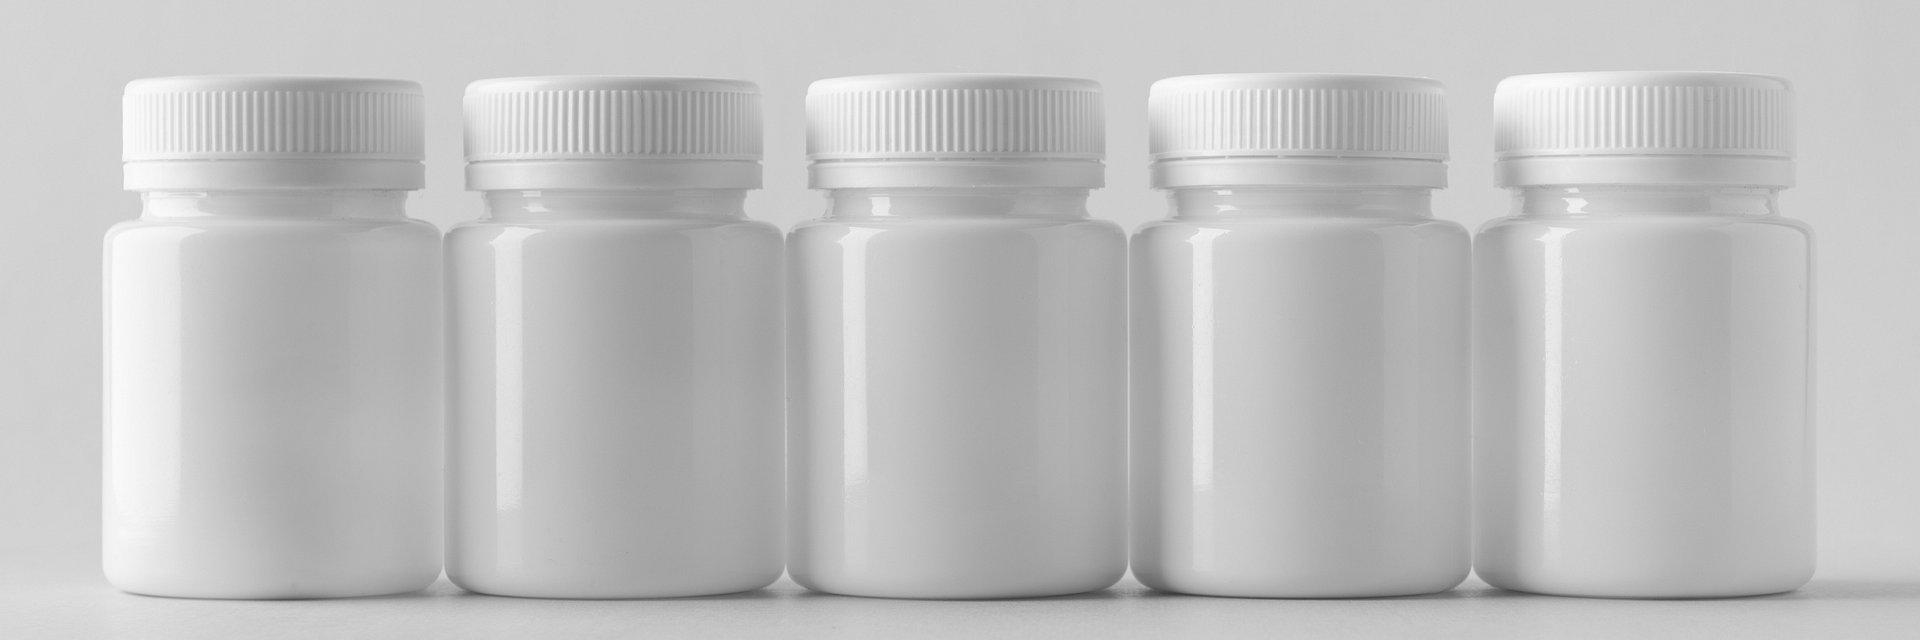 Sześć leków na cenzurowanym. Ulipristali acetas z ciężkim działaniem niepożądanym